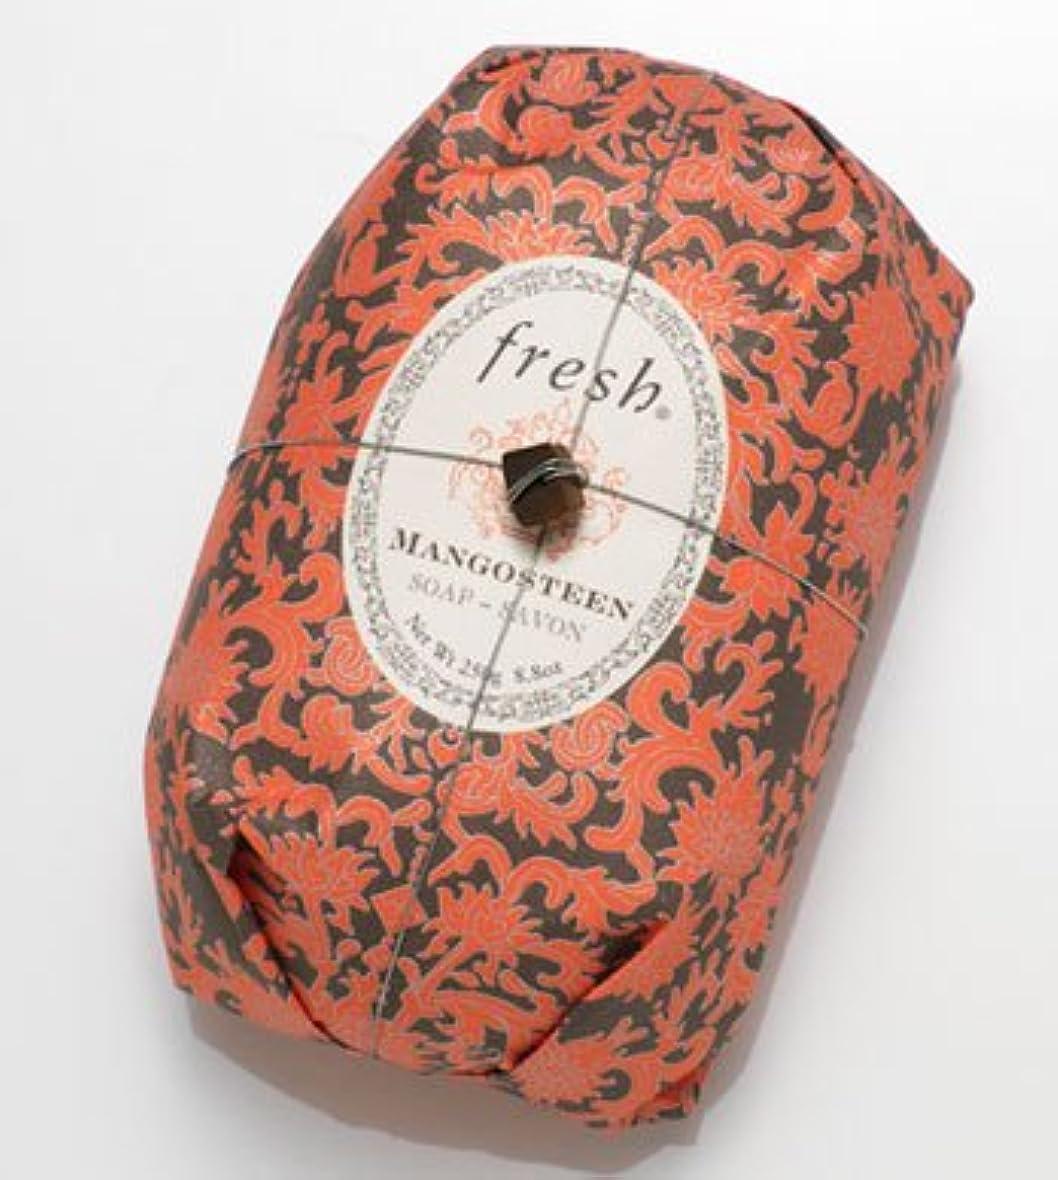 私のインシデントブラザーFresh MANGOSTEEN SOAP (フレッシュ マンゴスチーン ソープ) 8.8 oz (250g) Soap (石鹸) by Fresh